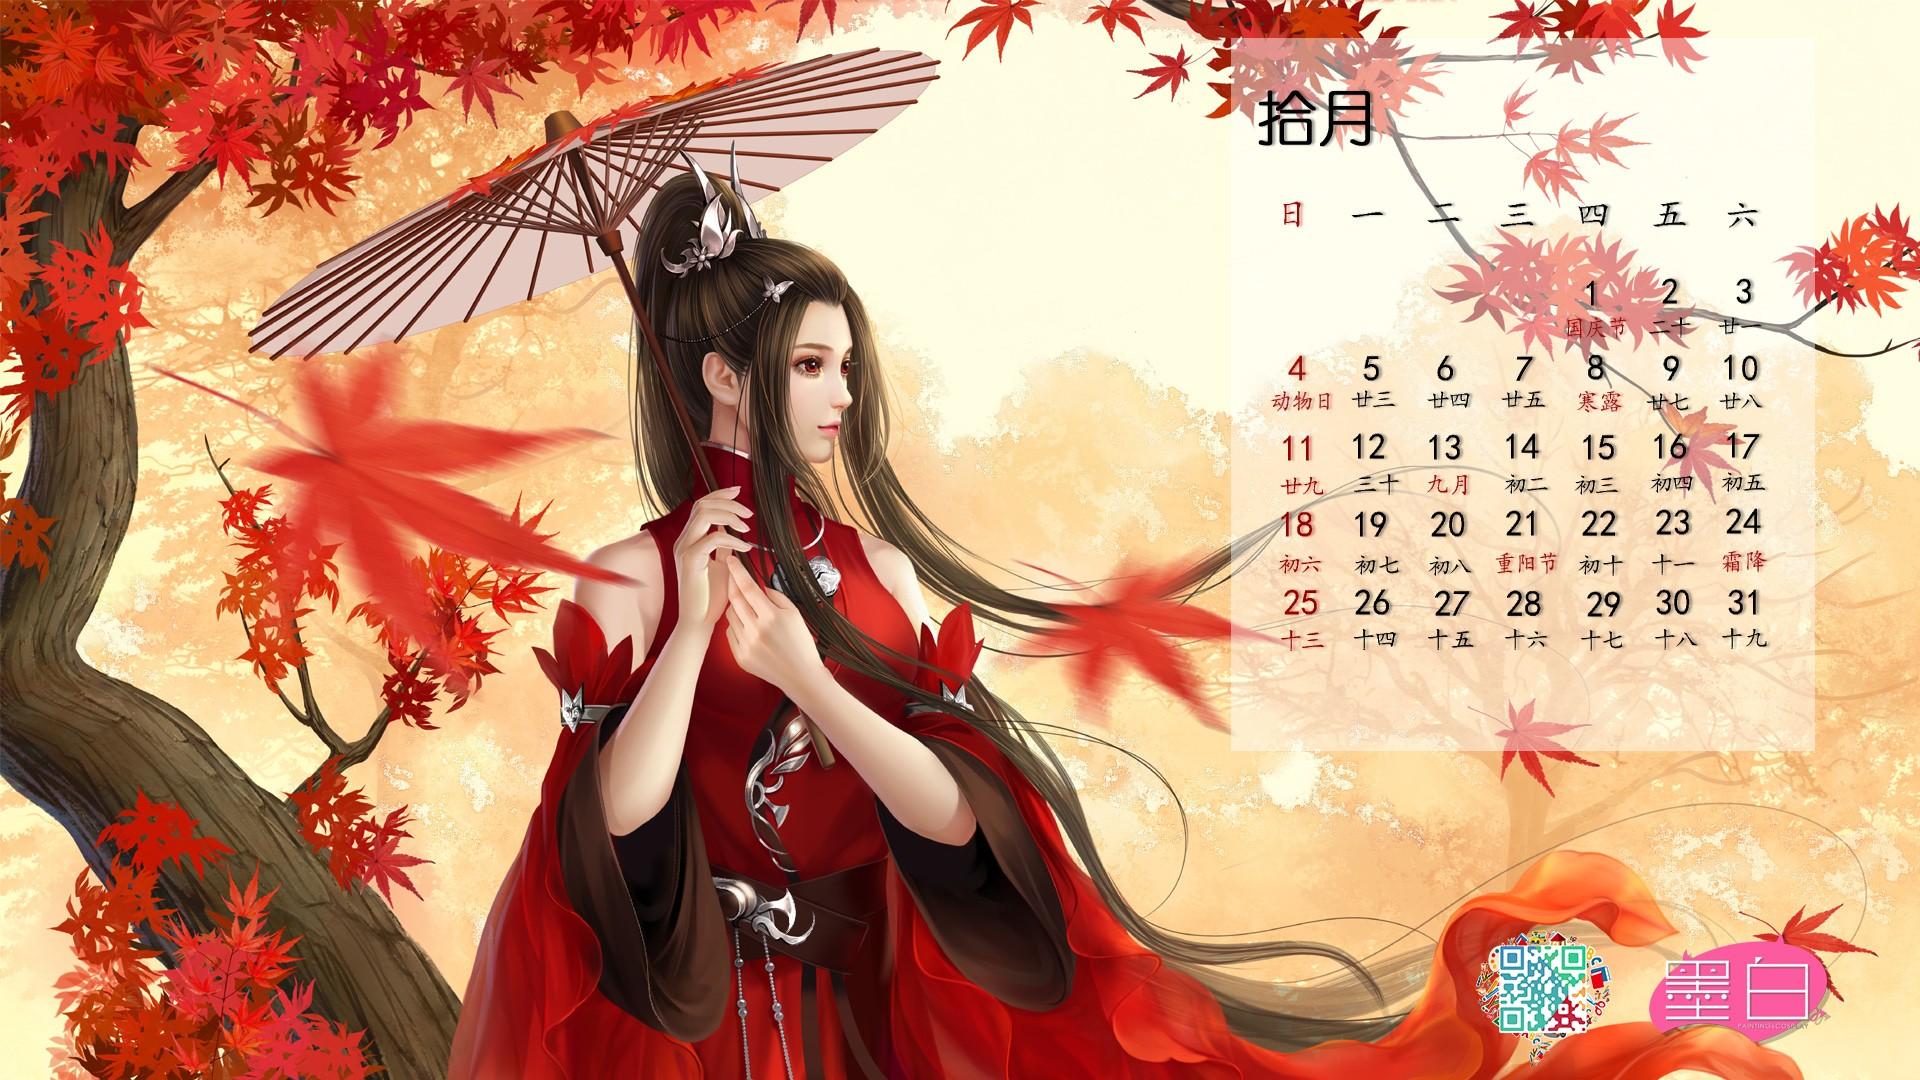 Календарь на осень обои на рабочий стол